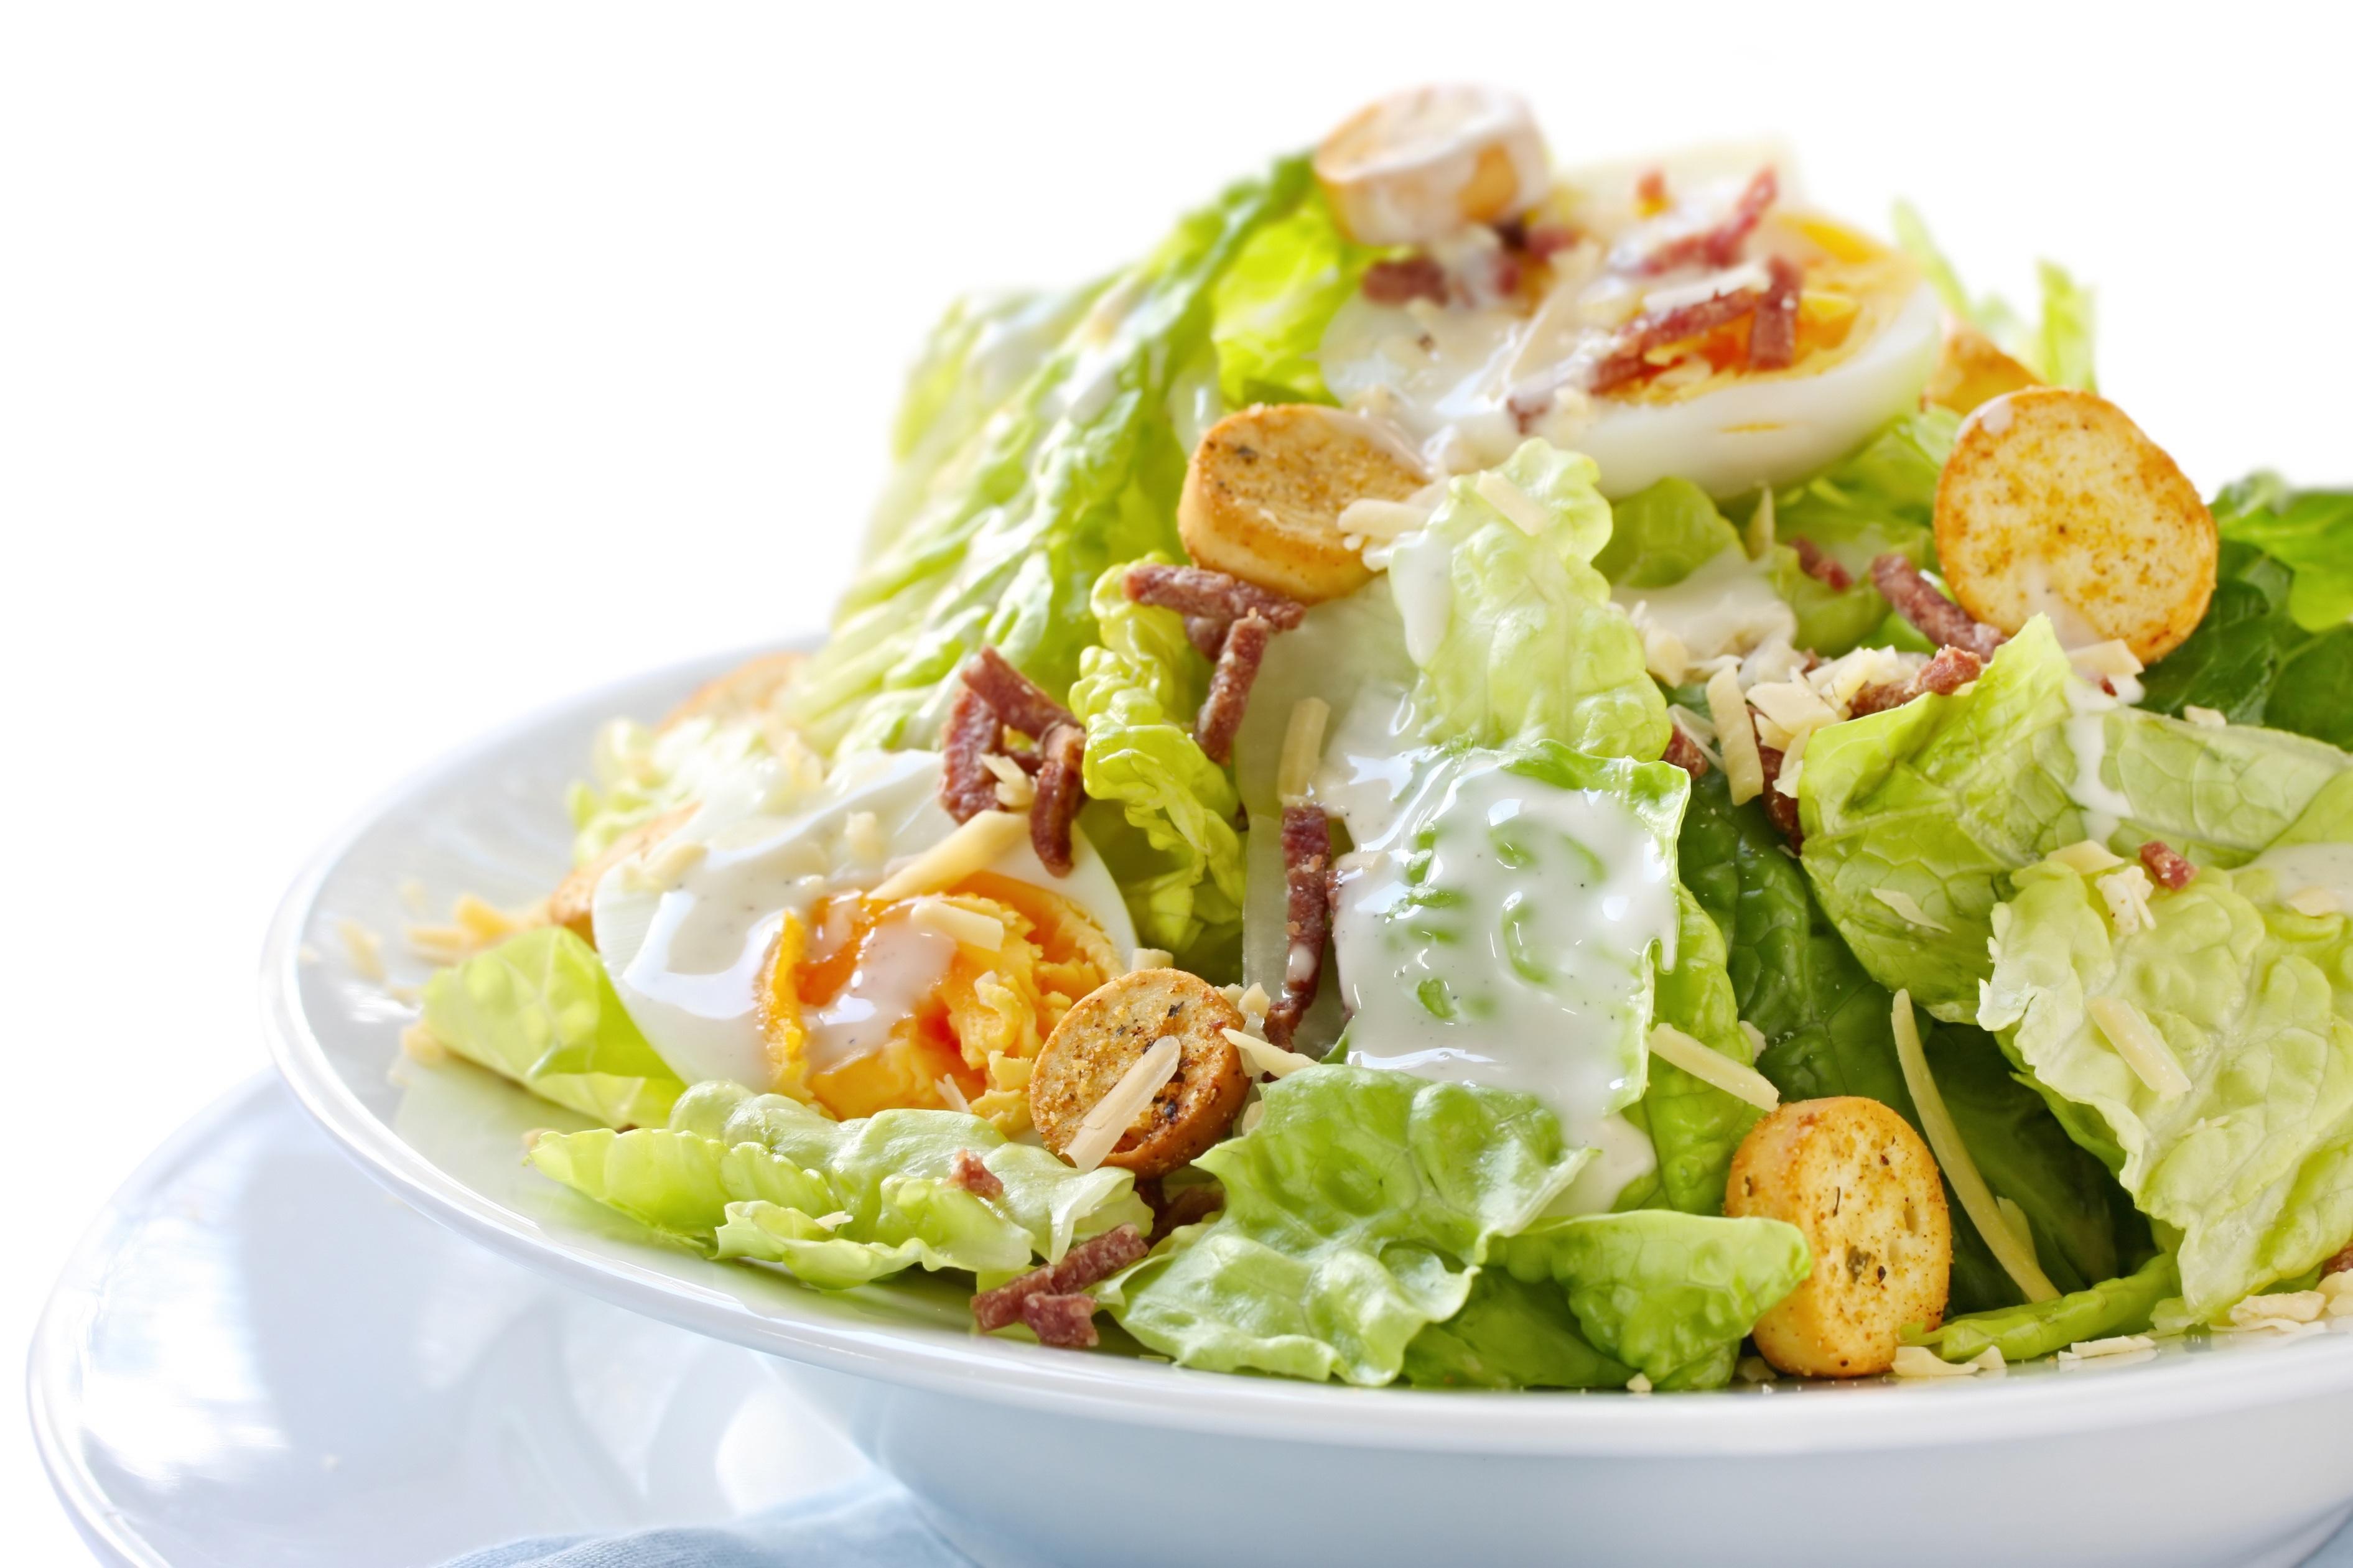 plato comida comida ensalada verde cocina vegetal cocina receta almuerzo lechuga Plantas hojas nutrición cena comida